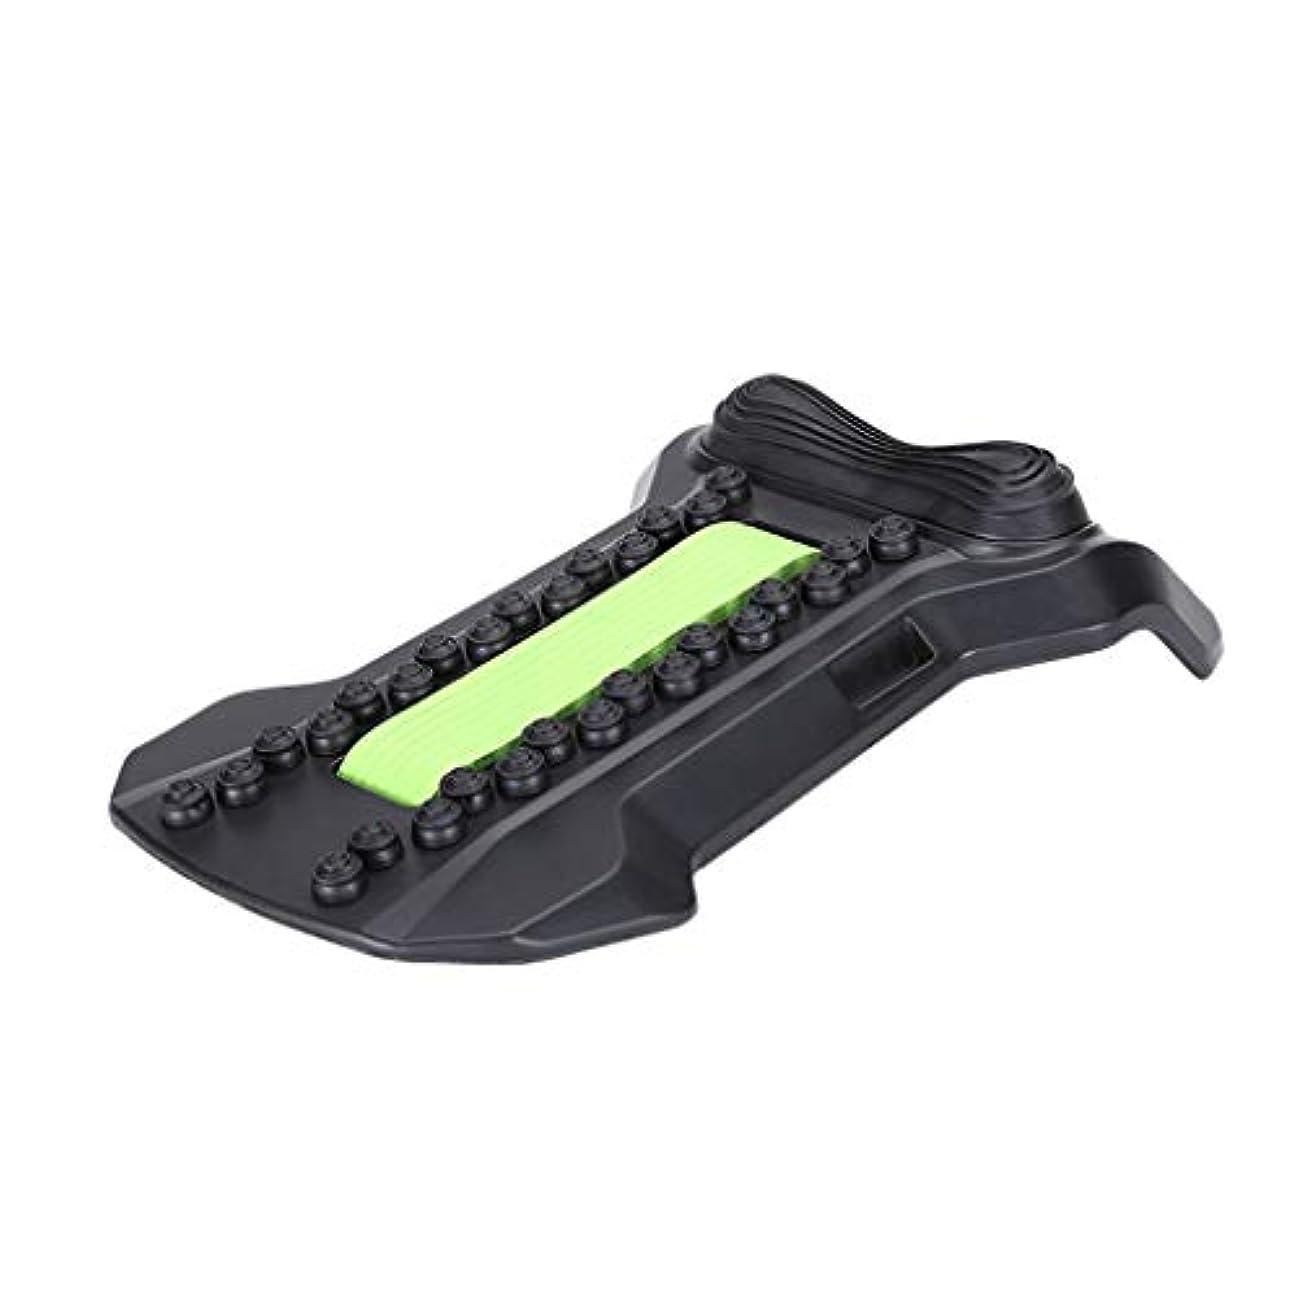 パラダイス暖かく愛背部マッサージャーの伸張装置、腰椎サポート弛緩の魔法の伸張器の適性の仲間の脊椎の痛みを和らげるカイロプラクター,Green